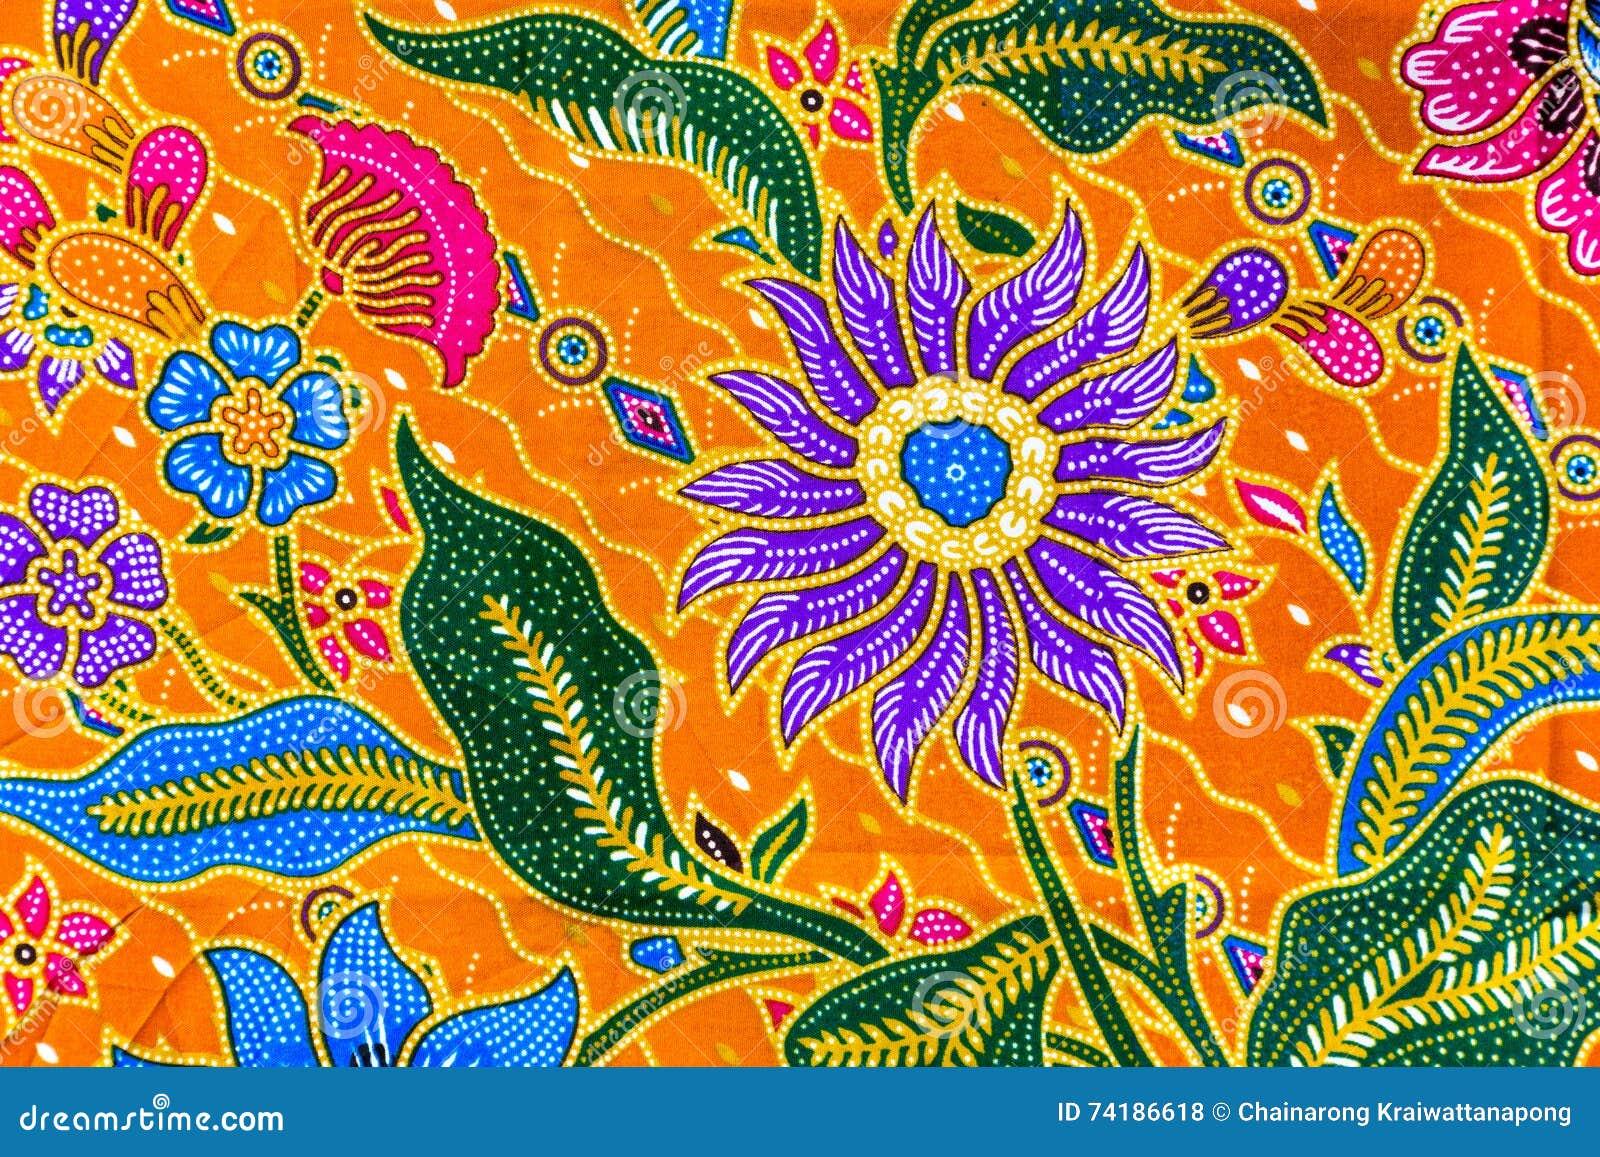 Modello dei sarong del batik, sarong tradizionale del batik in asiatico